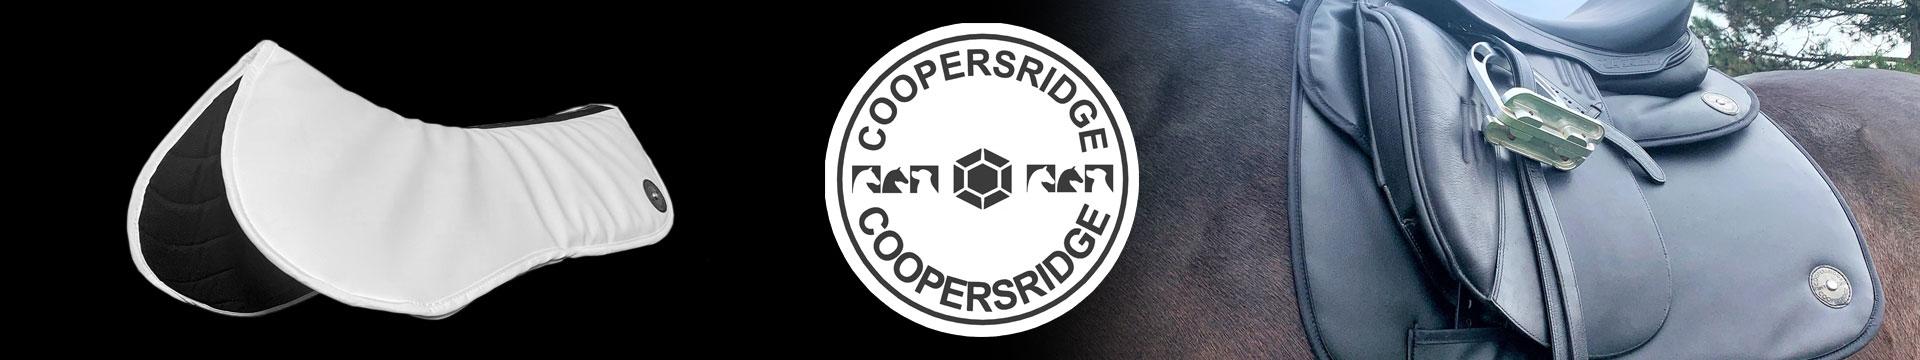 Coopersridge